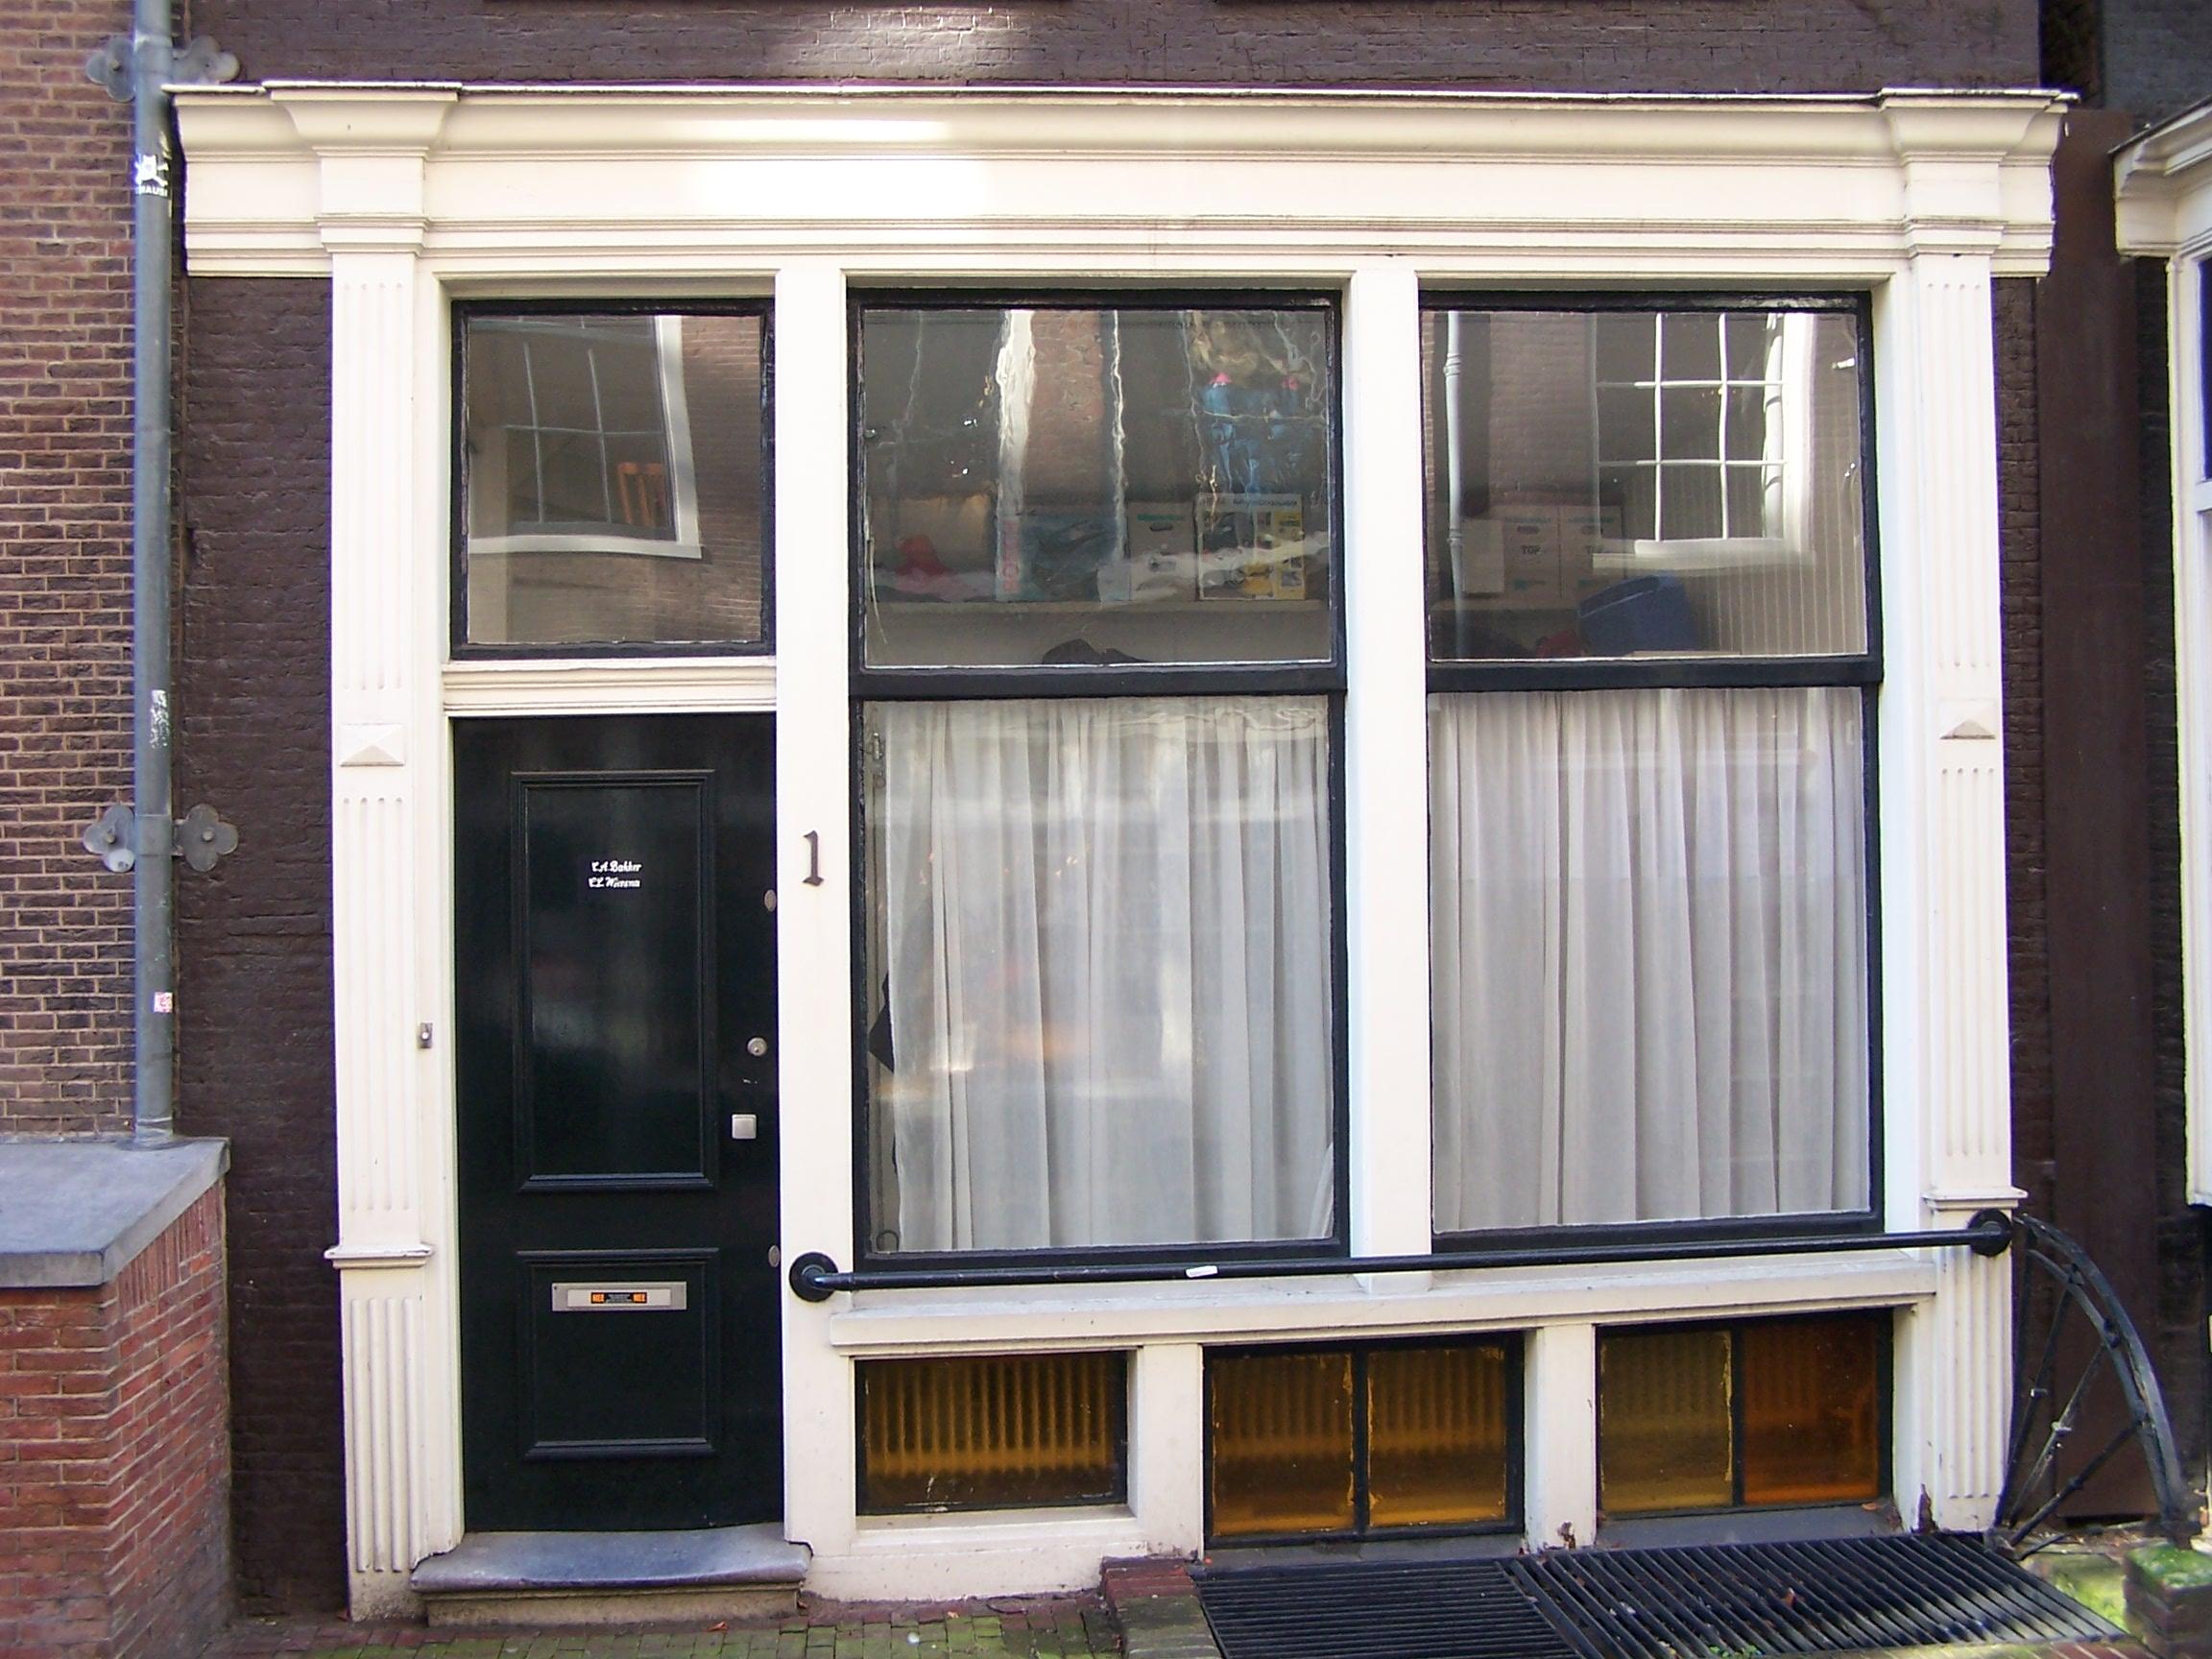 Huis met latere gevel onder 19e eeuwse rechte lijst in amsterdam